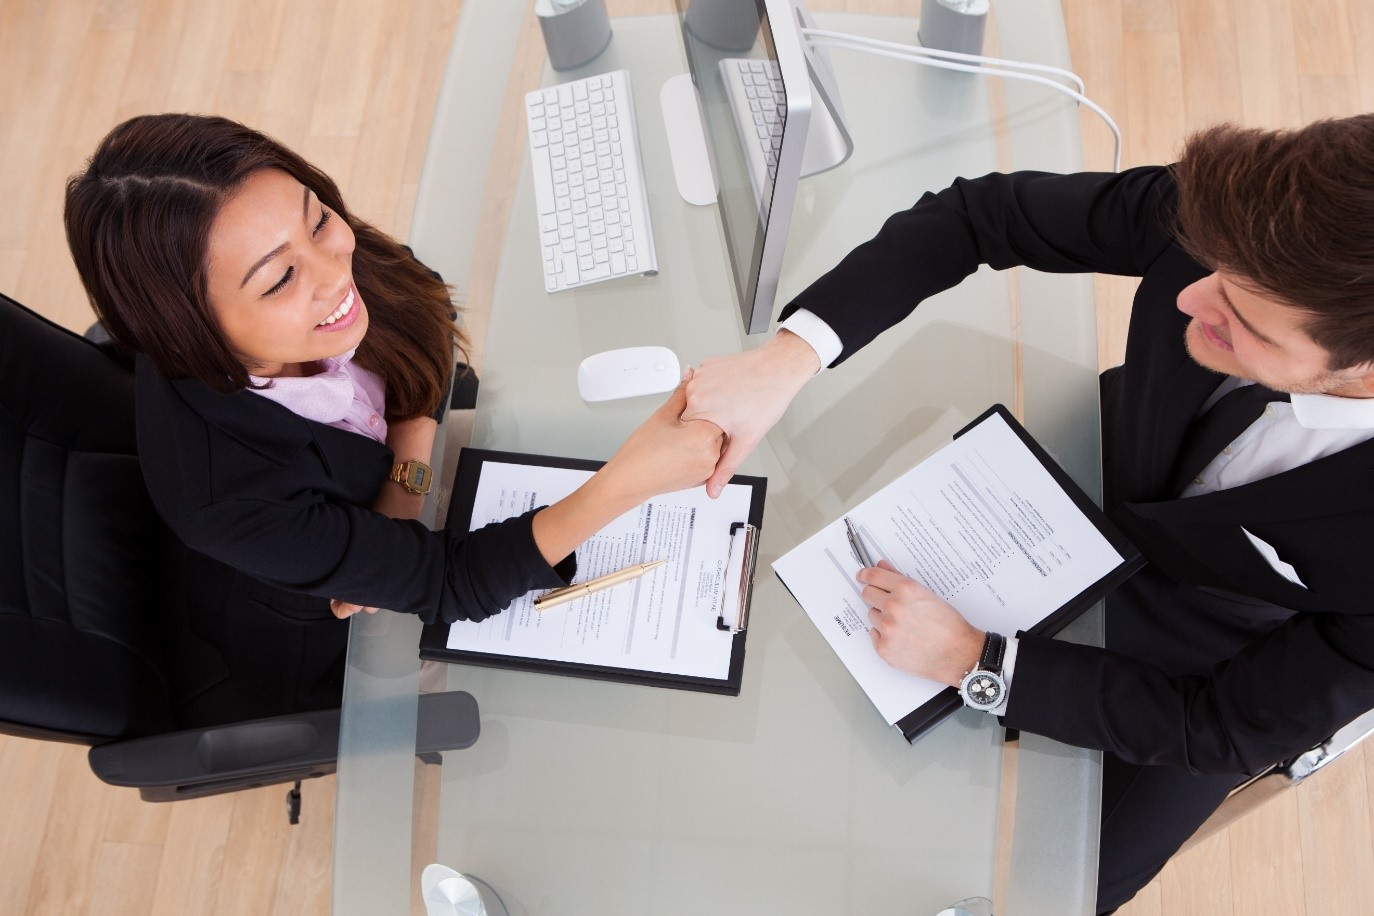 Bảo hiểm sức khỏe - Chìa khóa vàng giữ chân nhân tài của doanh nghiệp